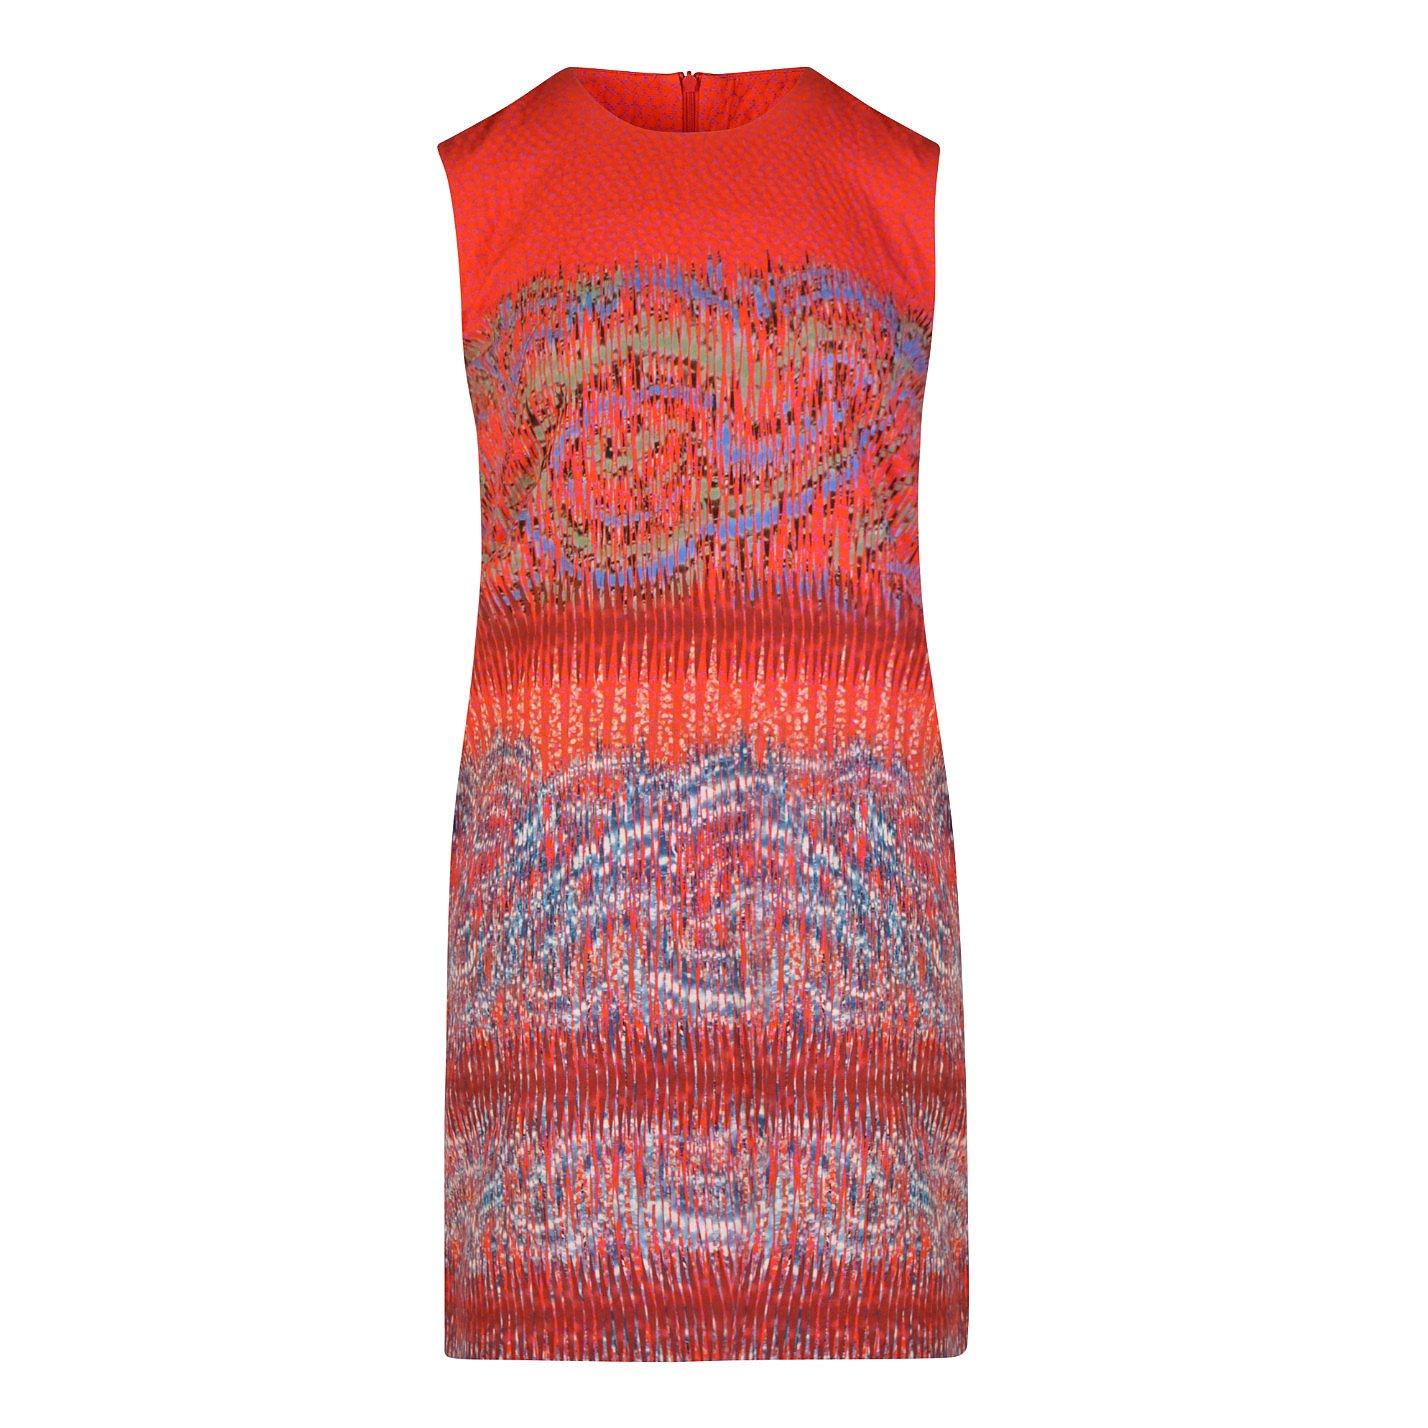 Peter Pilotto Geometric Print Mini Dress